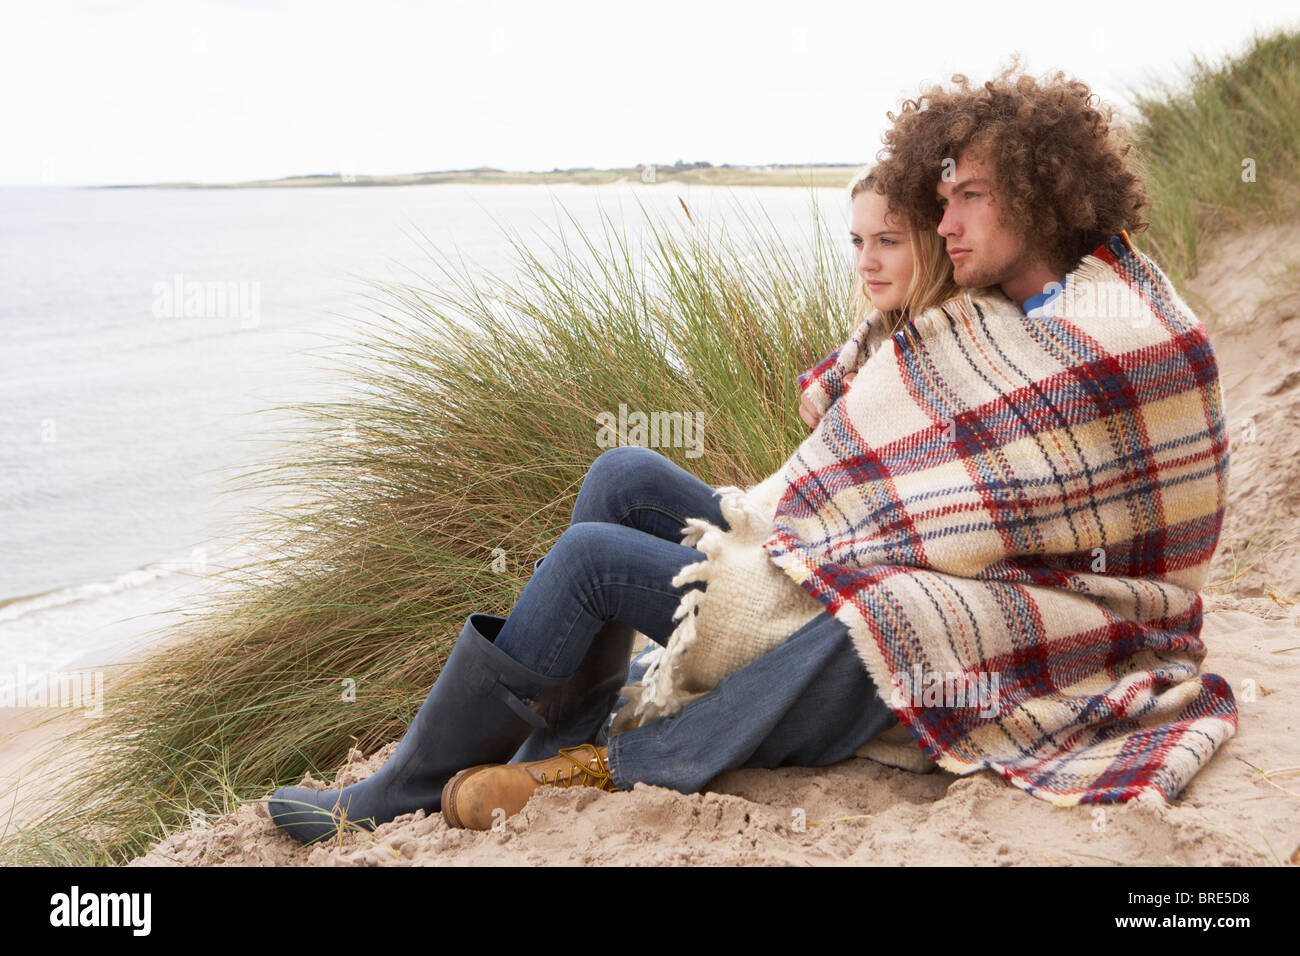 Teenage giovane seduto in Dune di sabbia avvolto in una coperta Immagini Stock